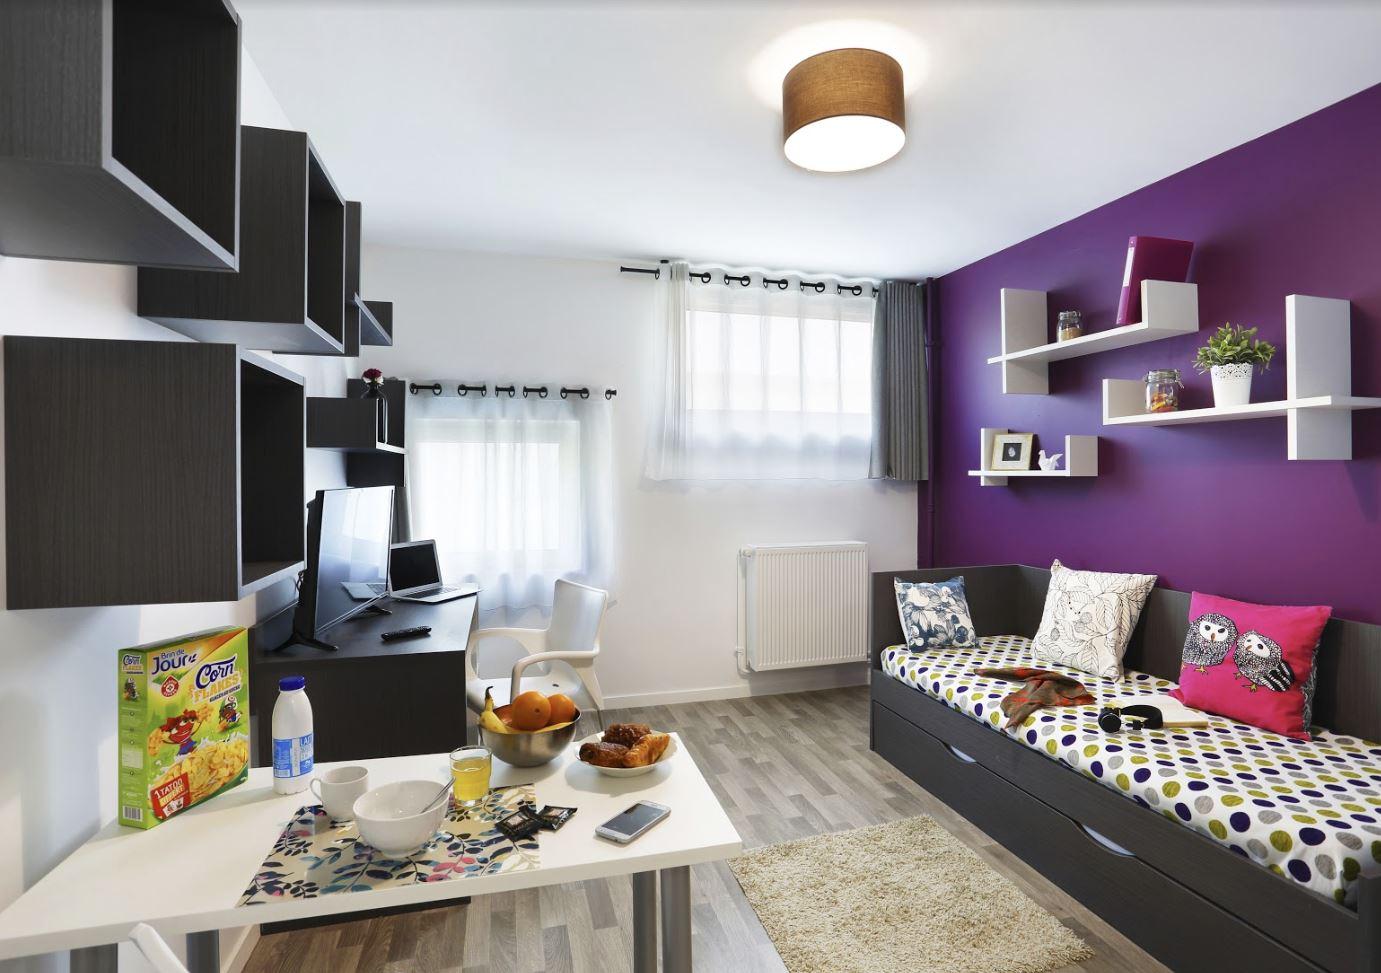 NEMEA ouvre 4 nouvelles résidences étudiantes à Créteil, Caen, Rennes et Strasbourg